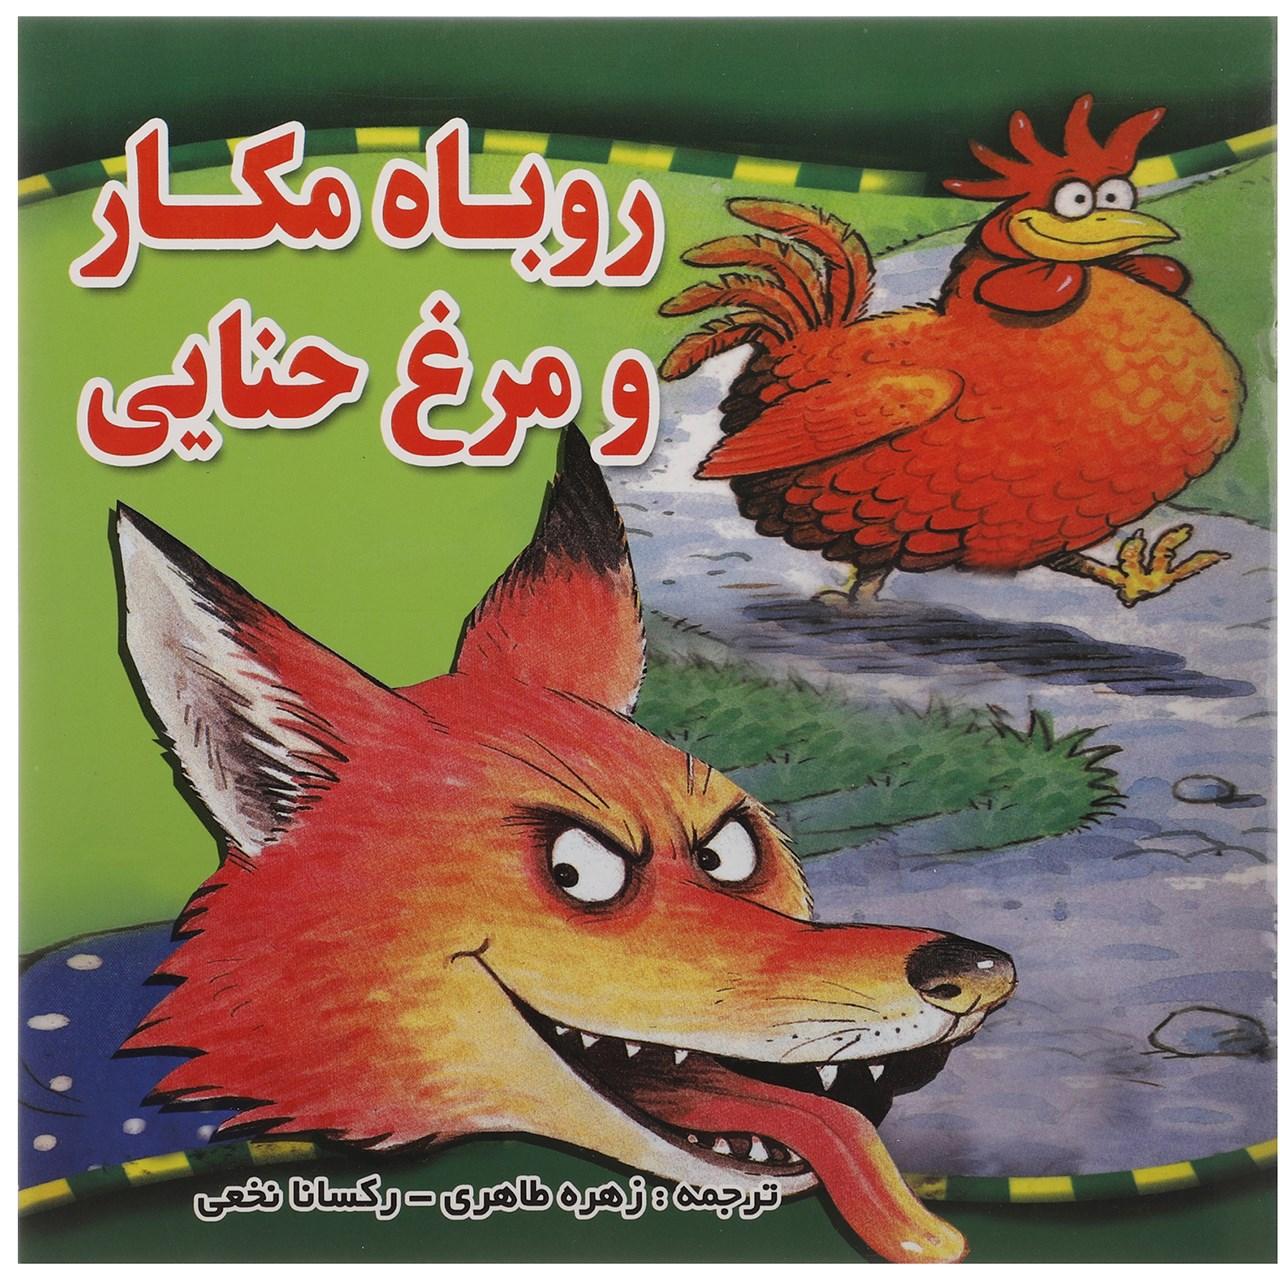 خرید                      کتاب روباه مکار و مرغ حنایی اثر پیتر استیون